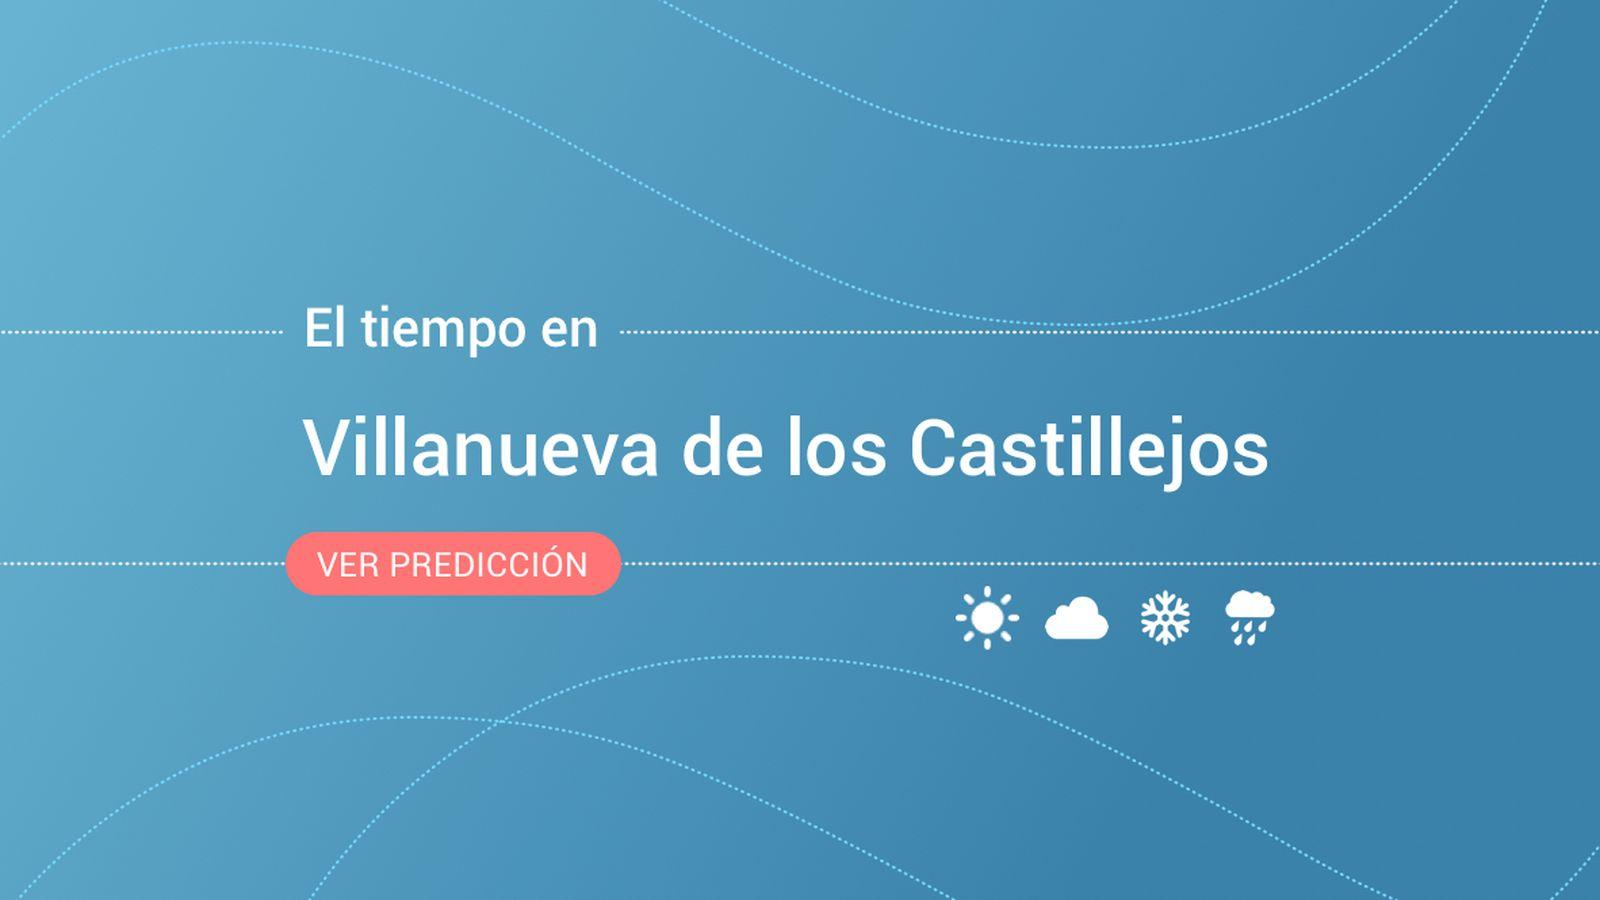 Foto: El tiempo en Villanueva de los Castillejos. (EC)